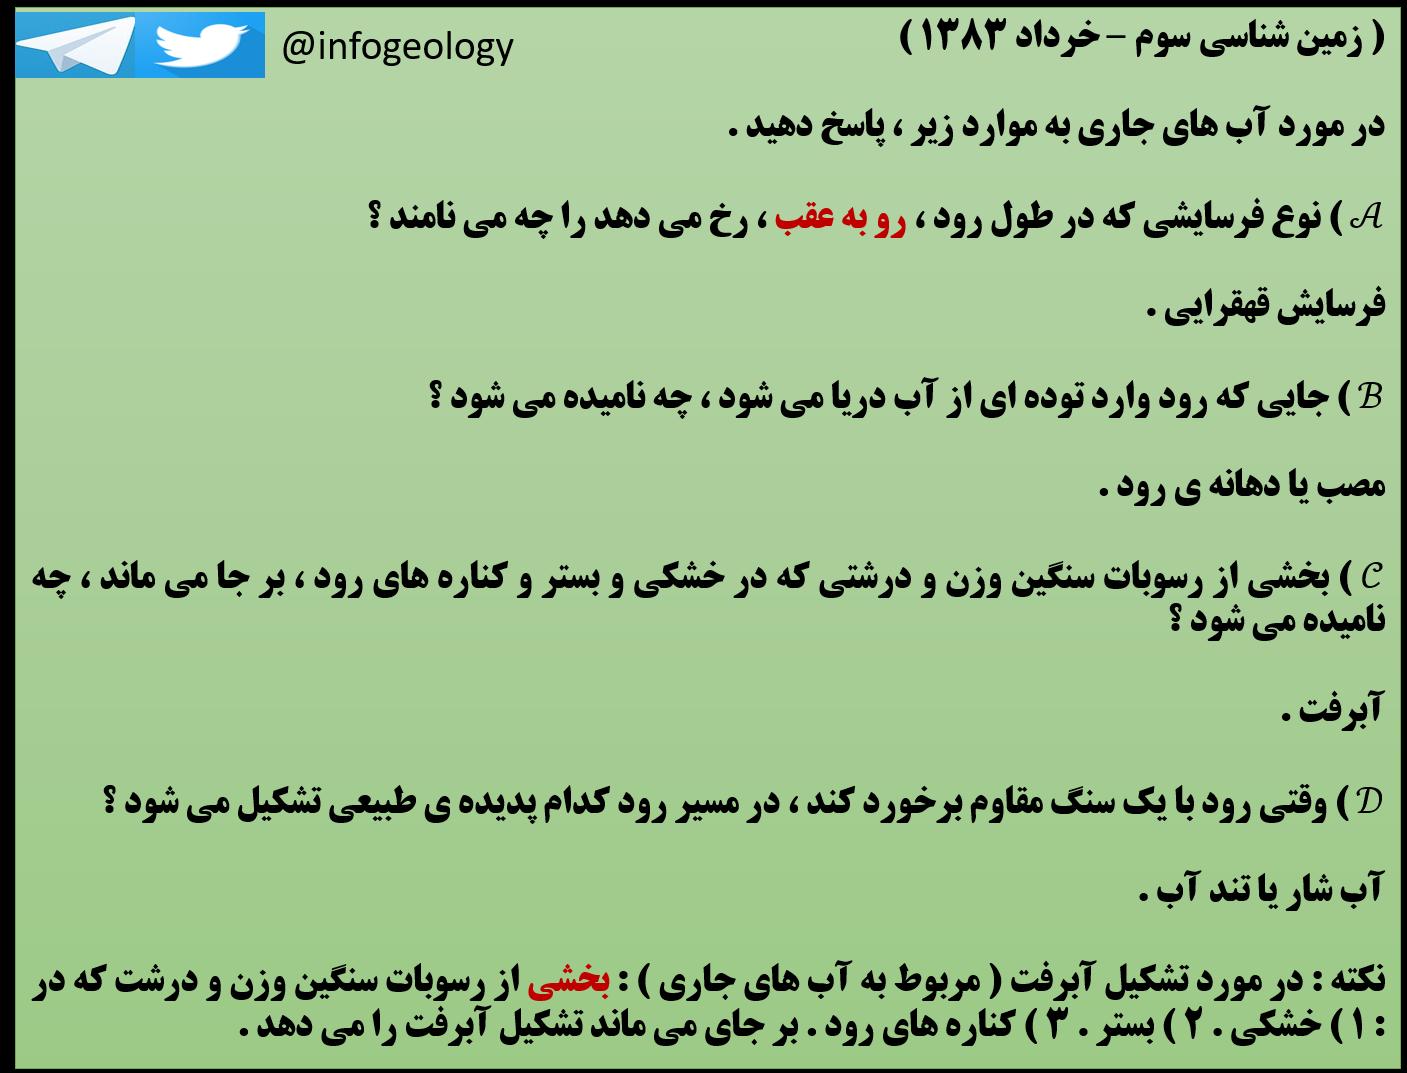 143 - سوال امتحانی زمین شناسی سوم . خرداد 1383 .